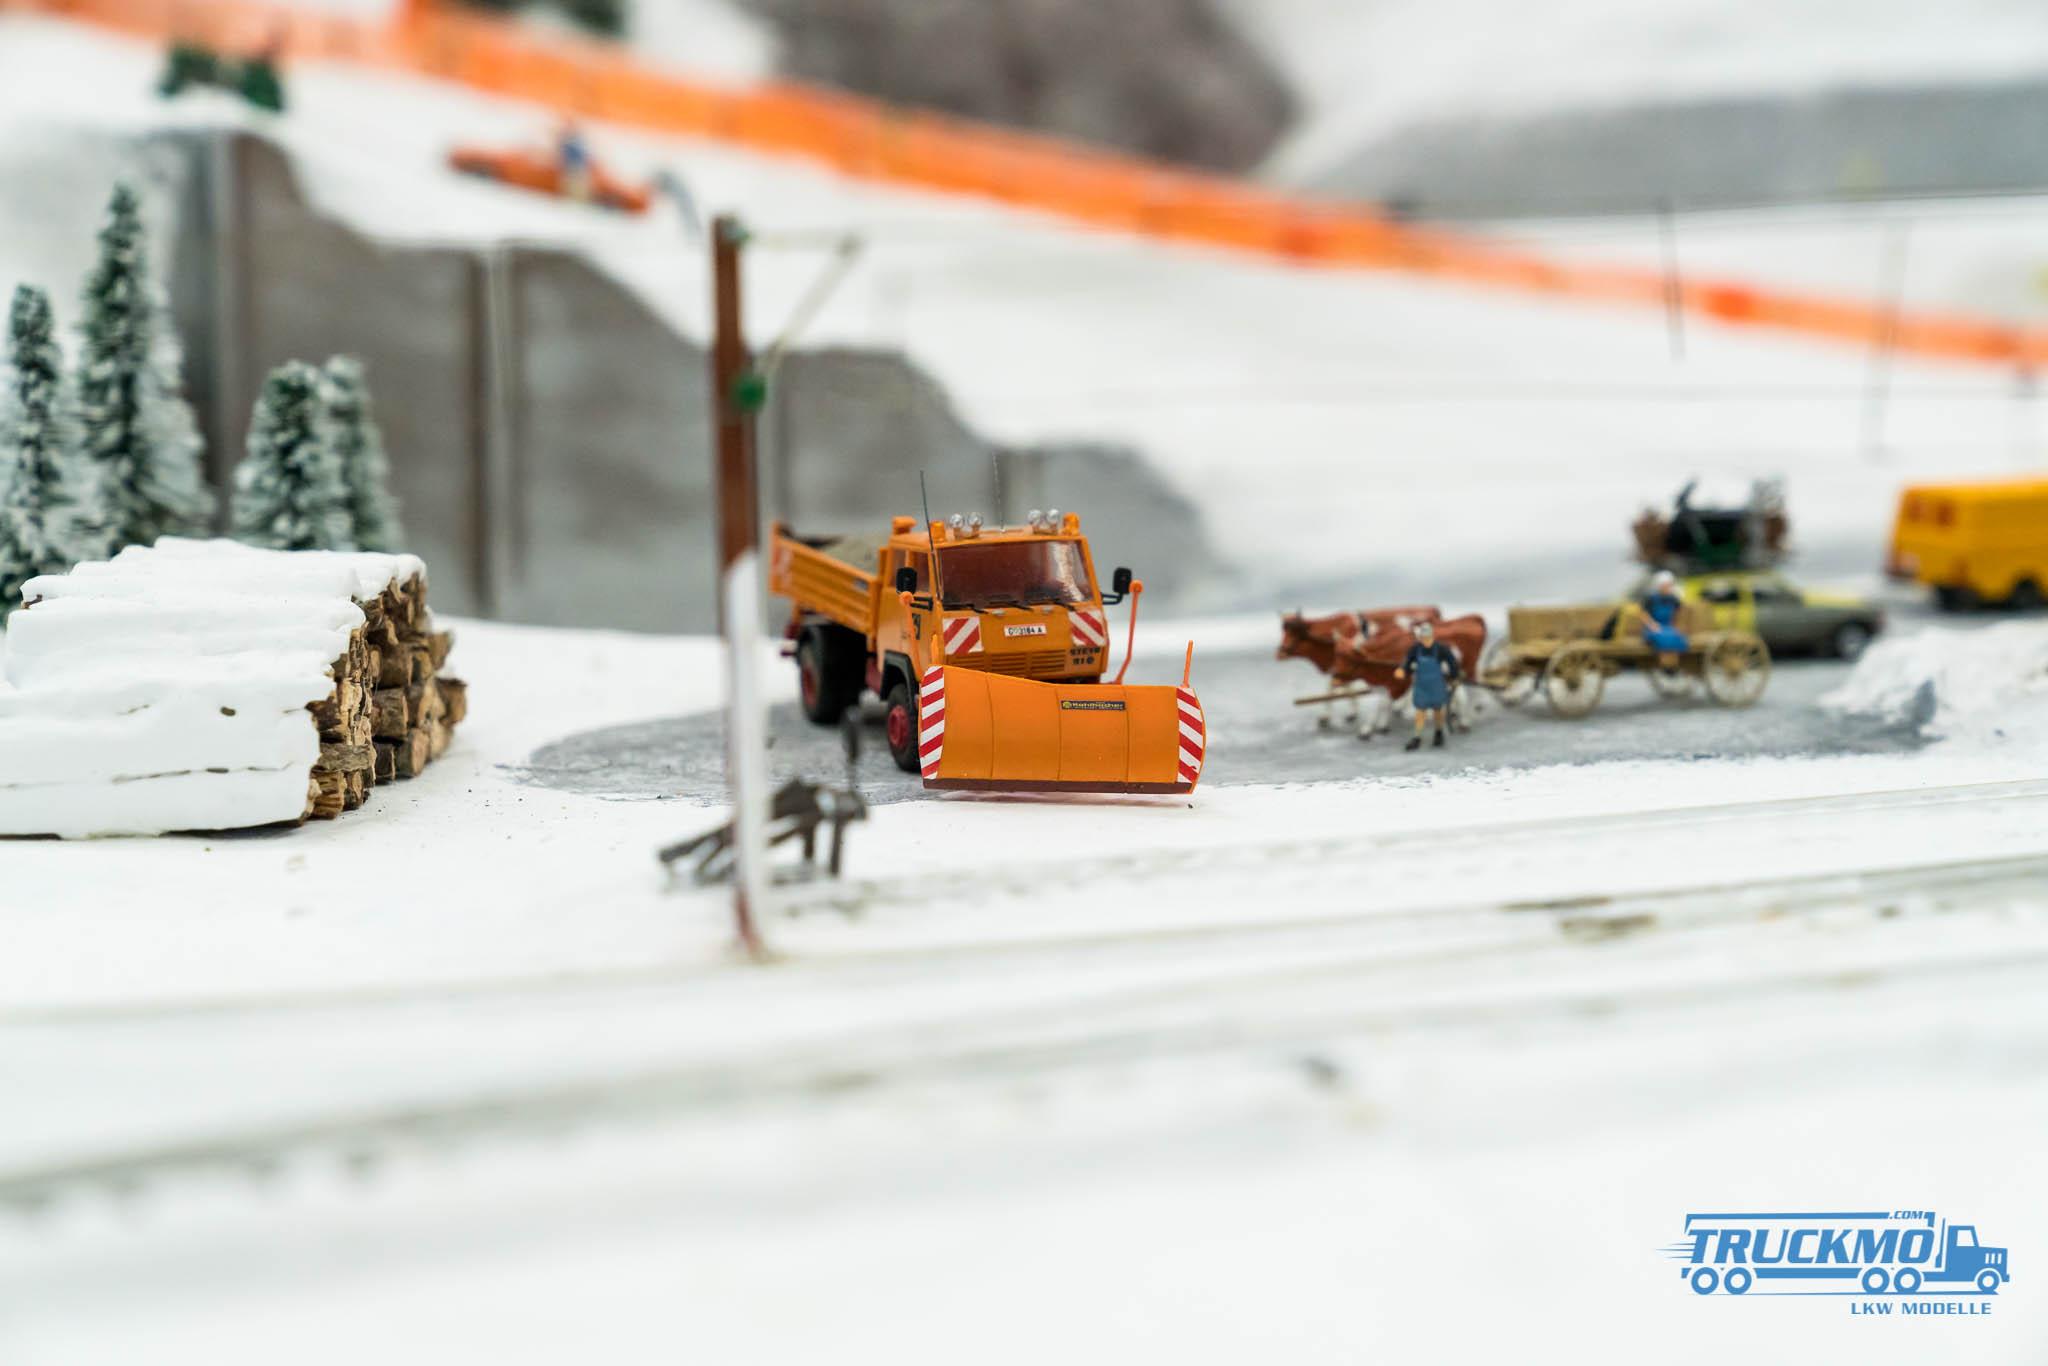 Truckmo_Modellbau_Ried_2017_Herpa_Messe_Modellbauausstellung (83 von 1177)